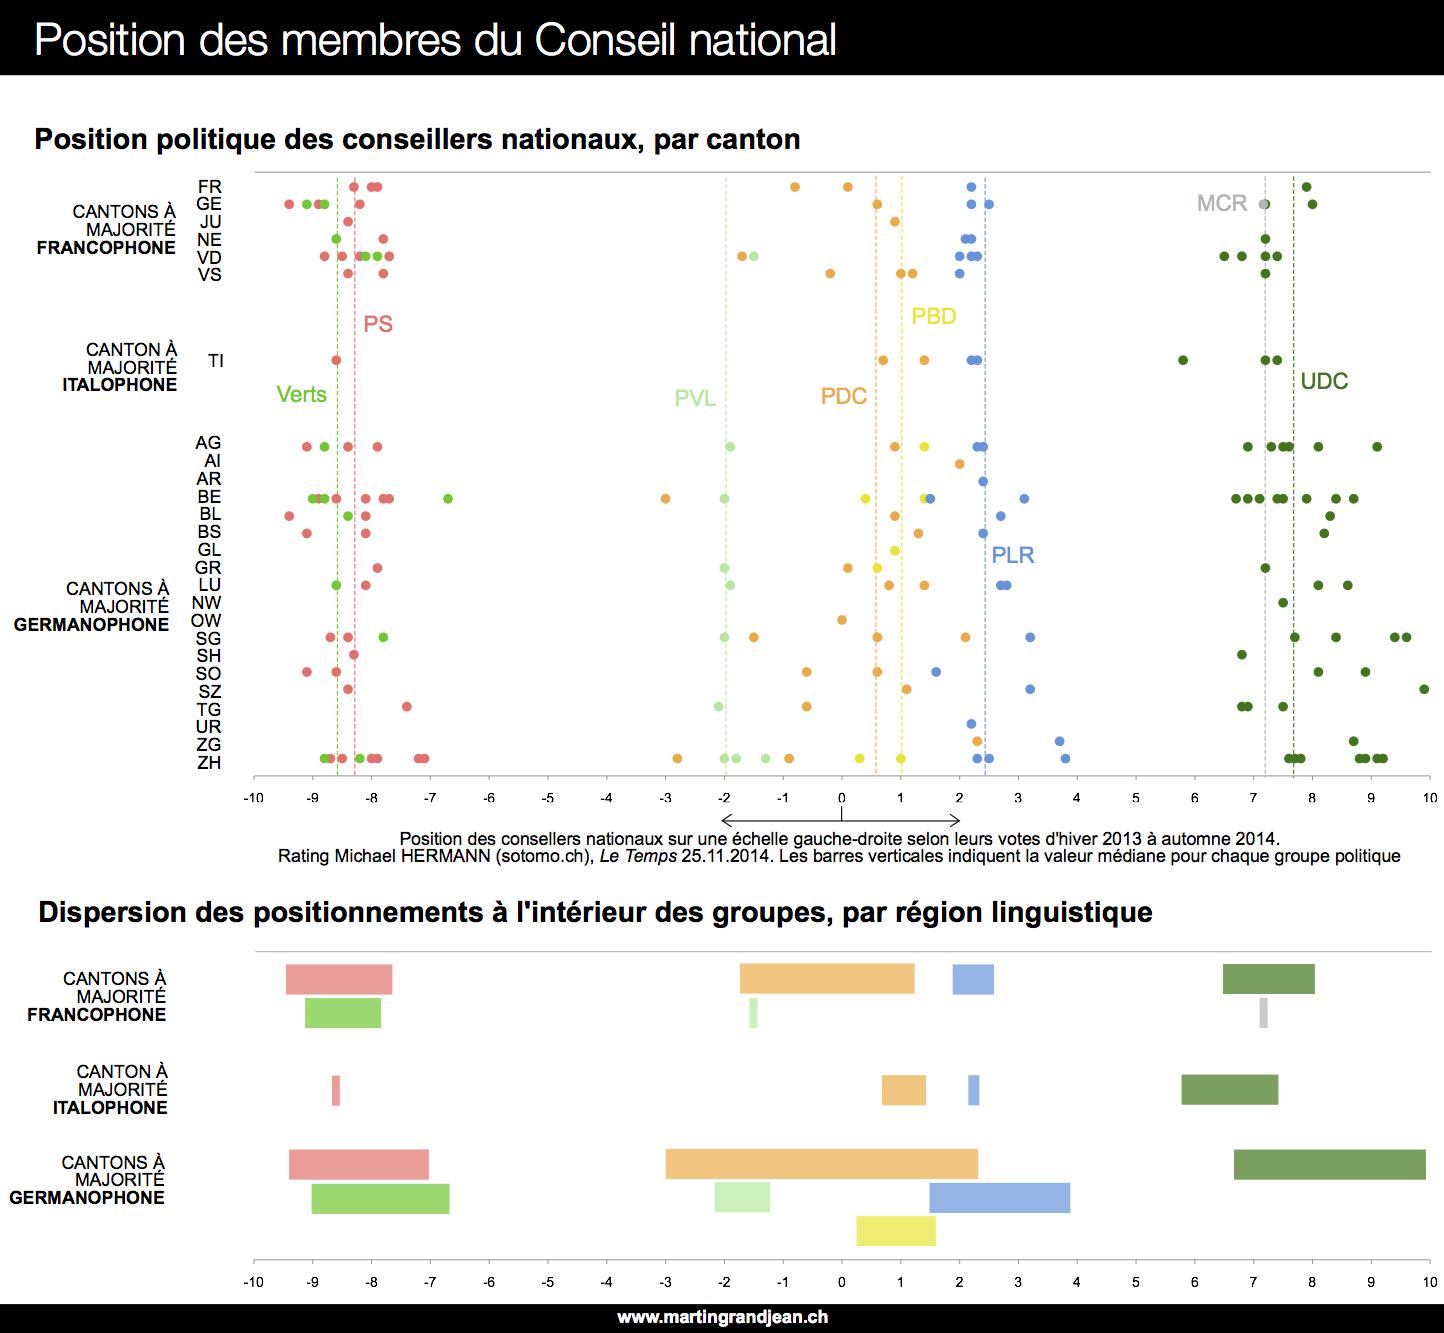 Position politique des parlementaires fédéraux (Suisse) sur une échelle gauche-droite